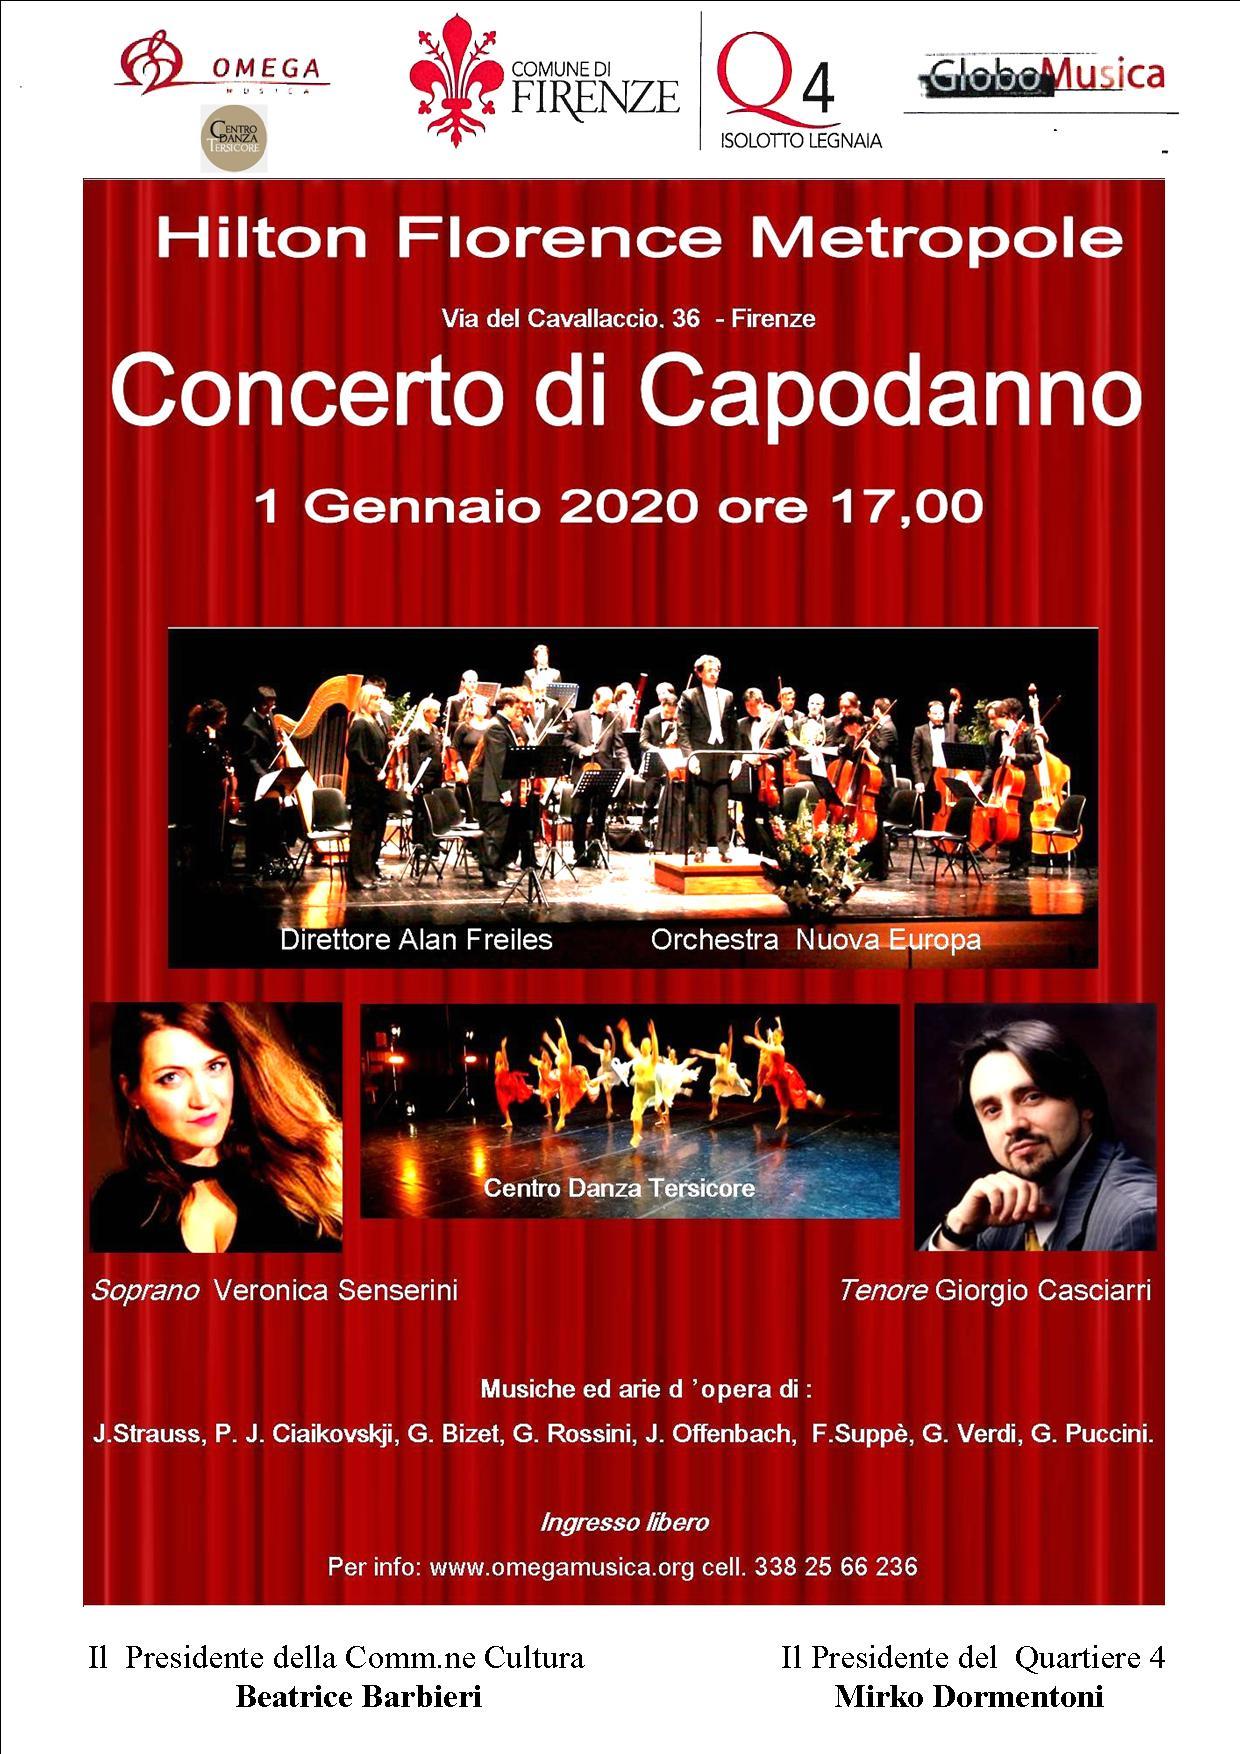 Concerto di Capodanno al Q4